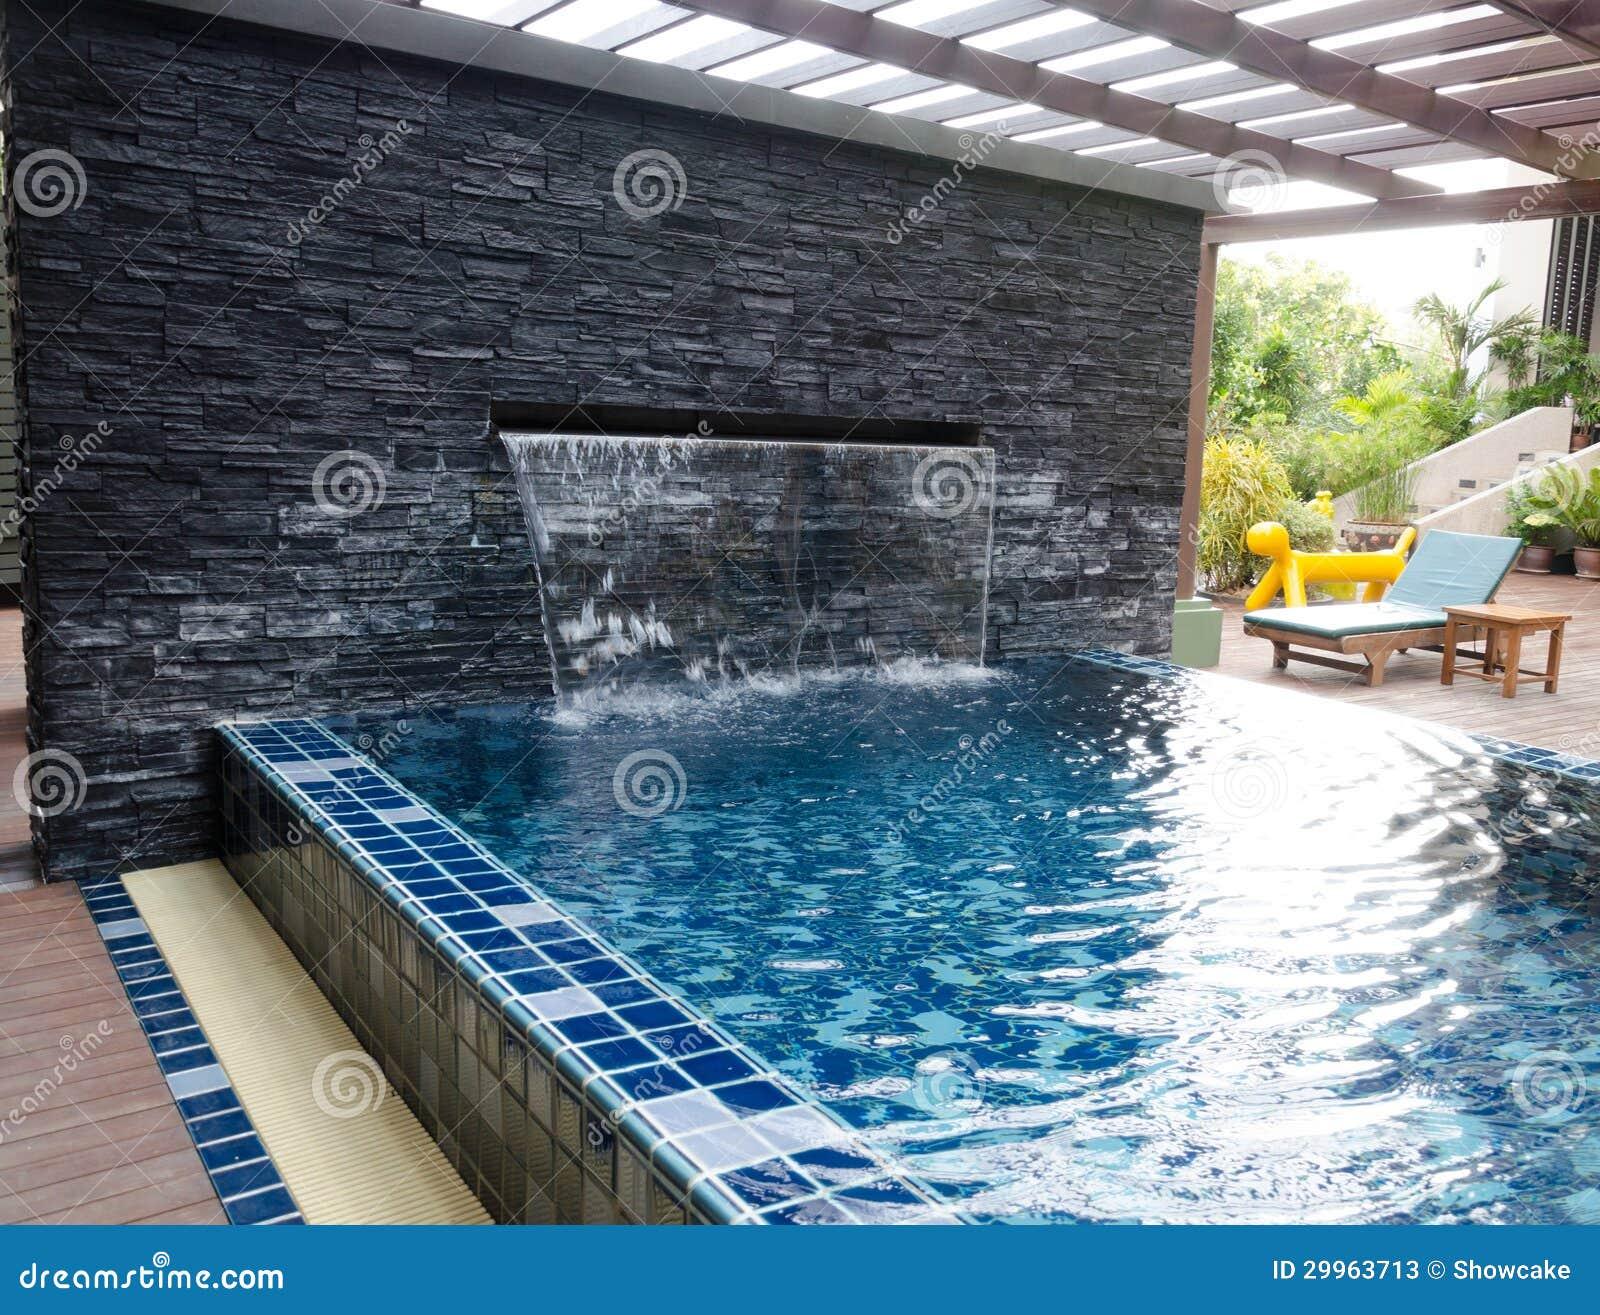 Casa con la piscina y el patio trasero imagen de archivo for Patios de casas modernas con piscina